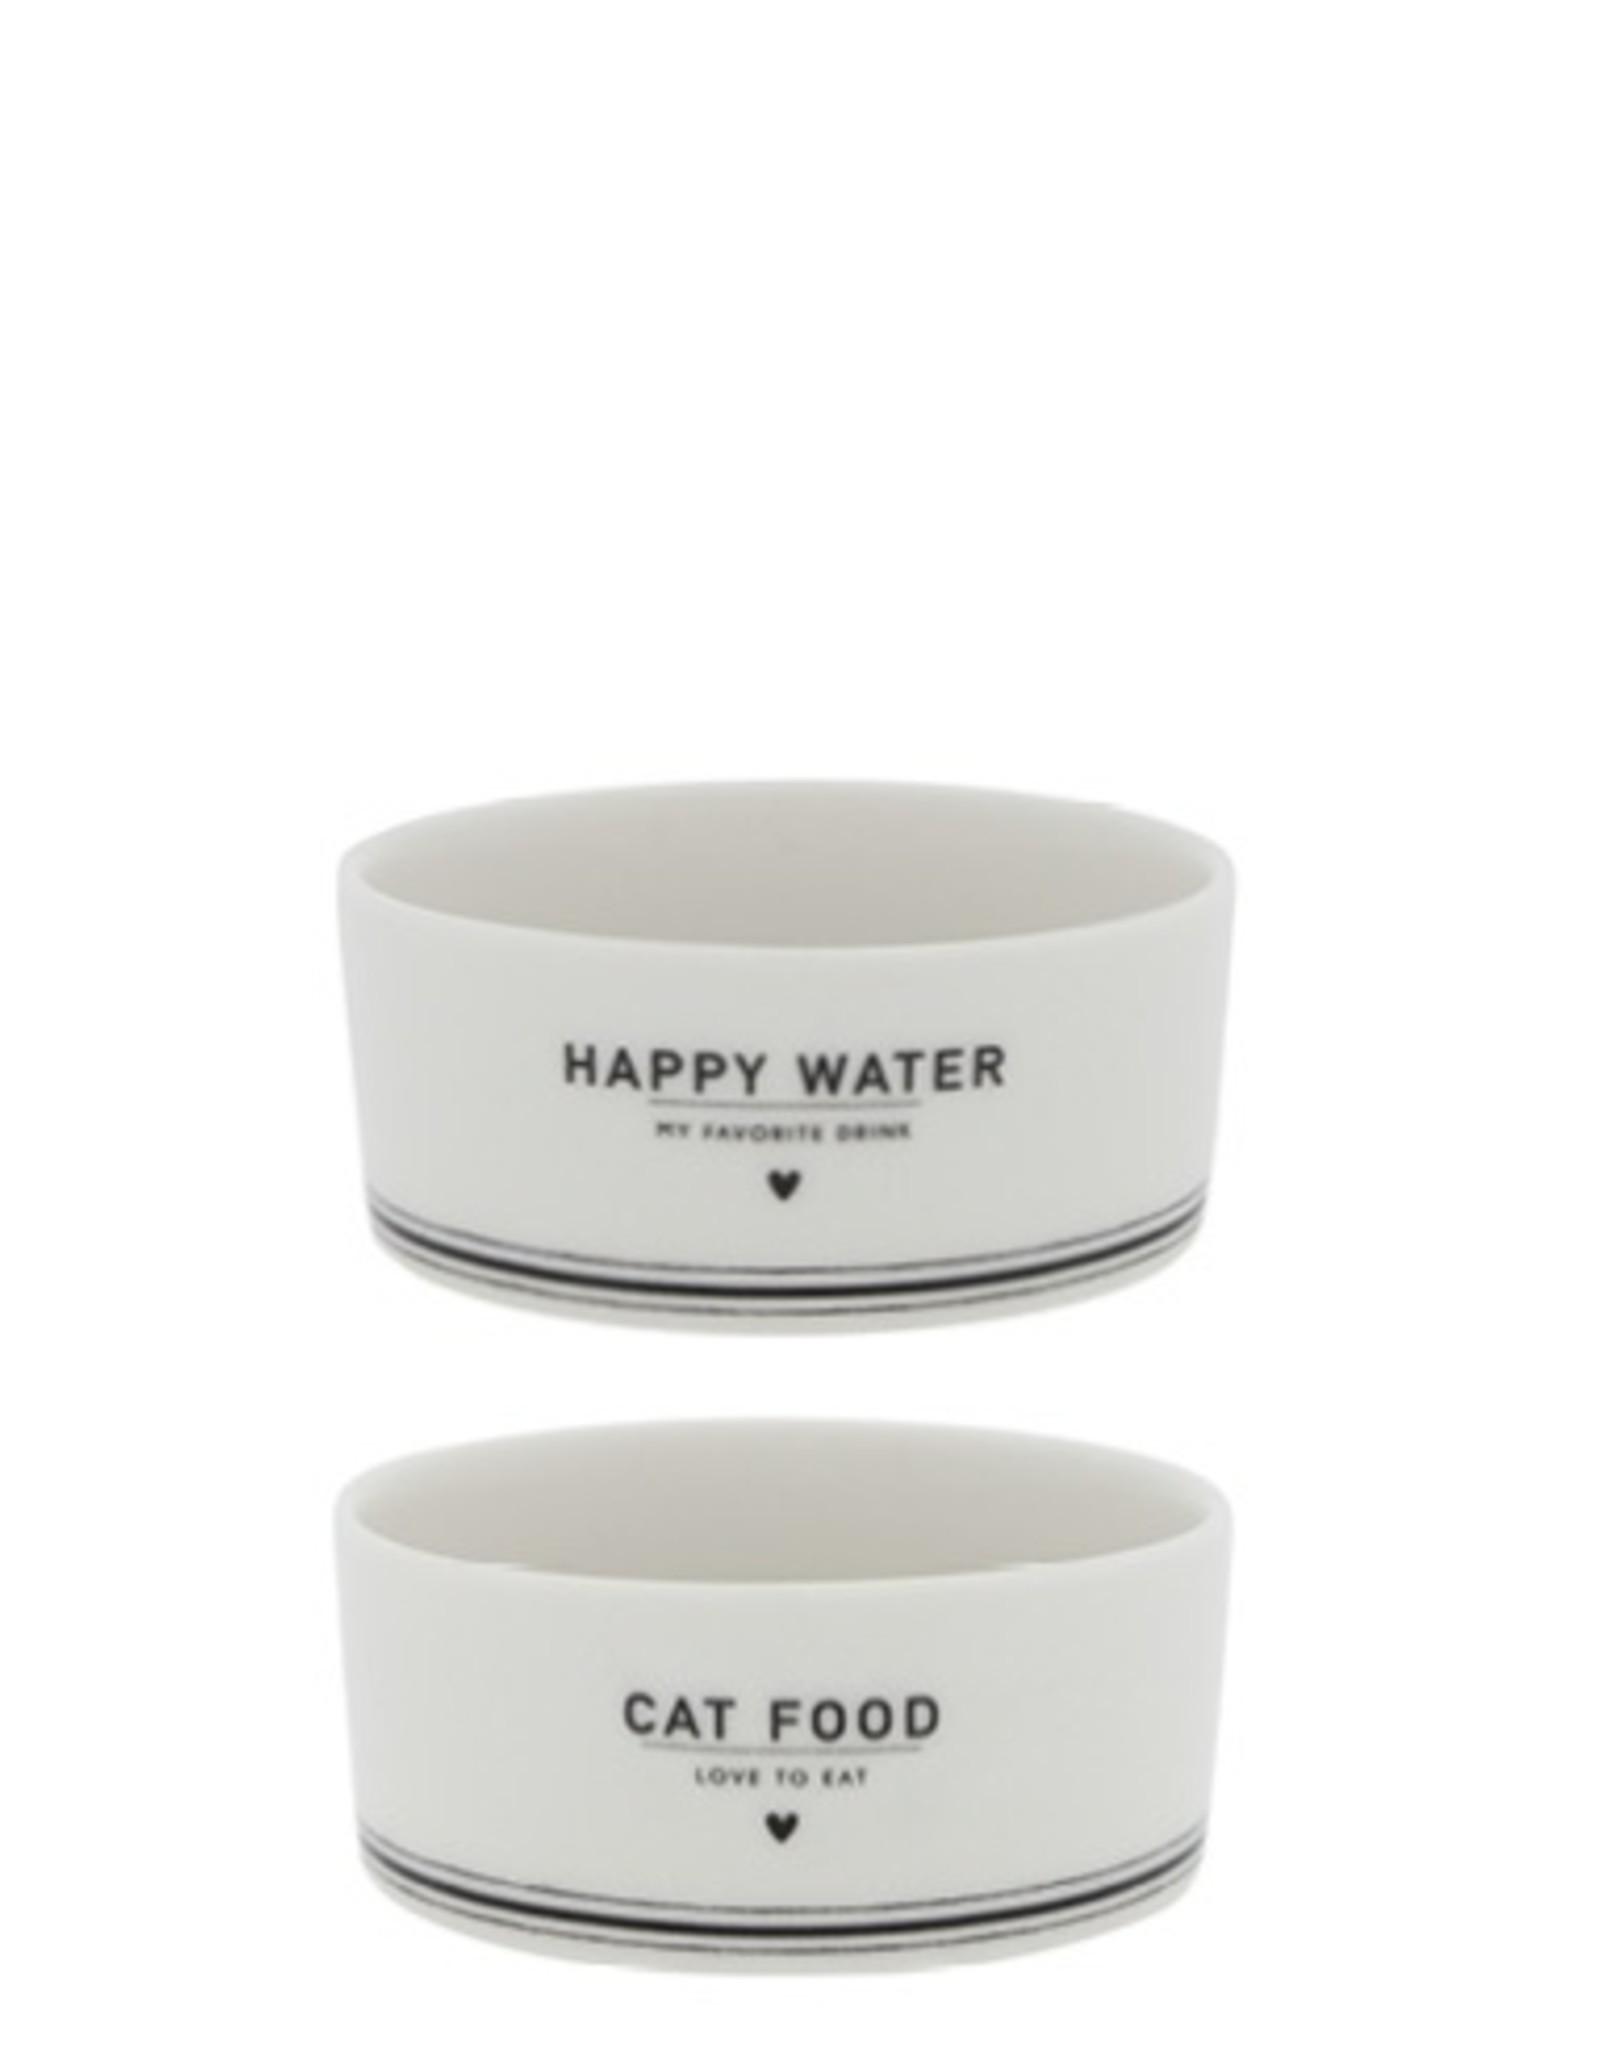 Cat food & water bowl